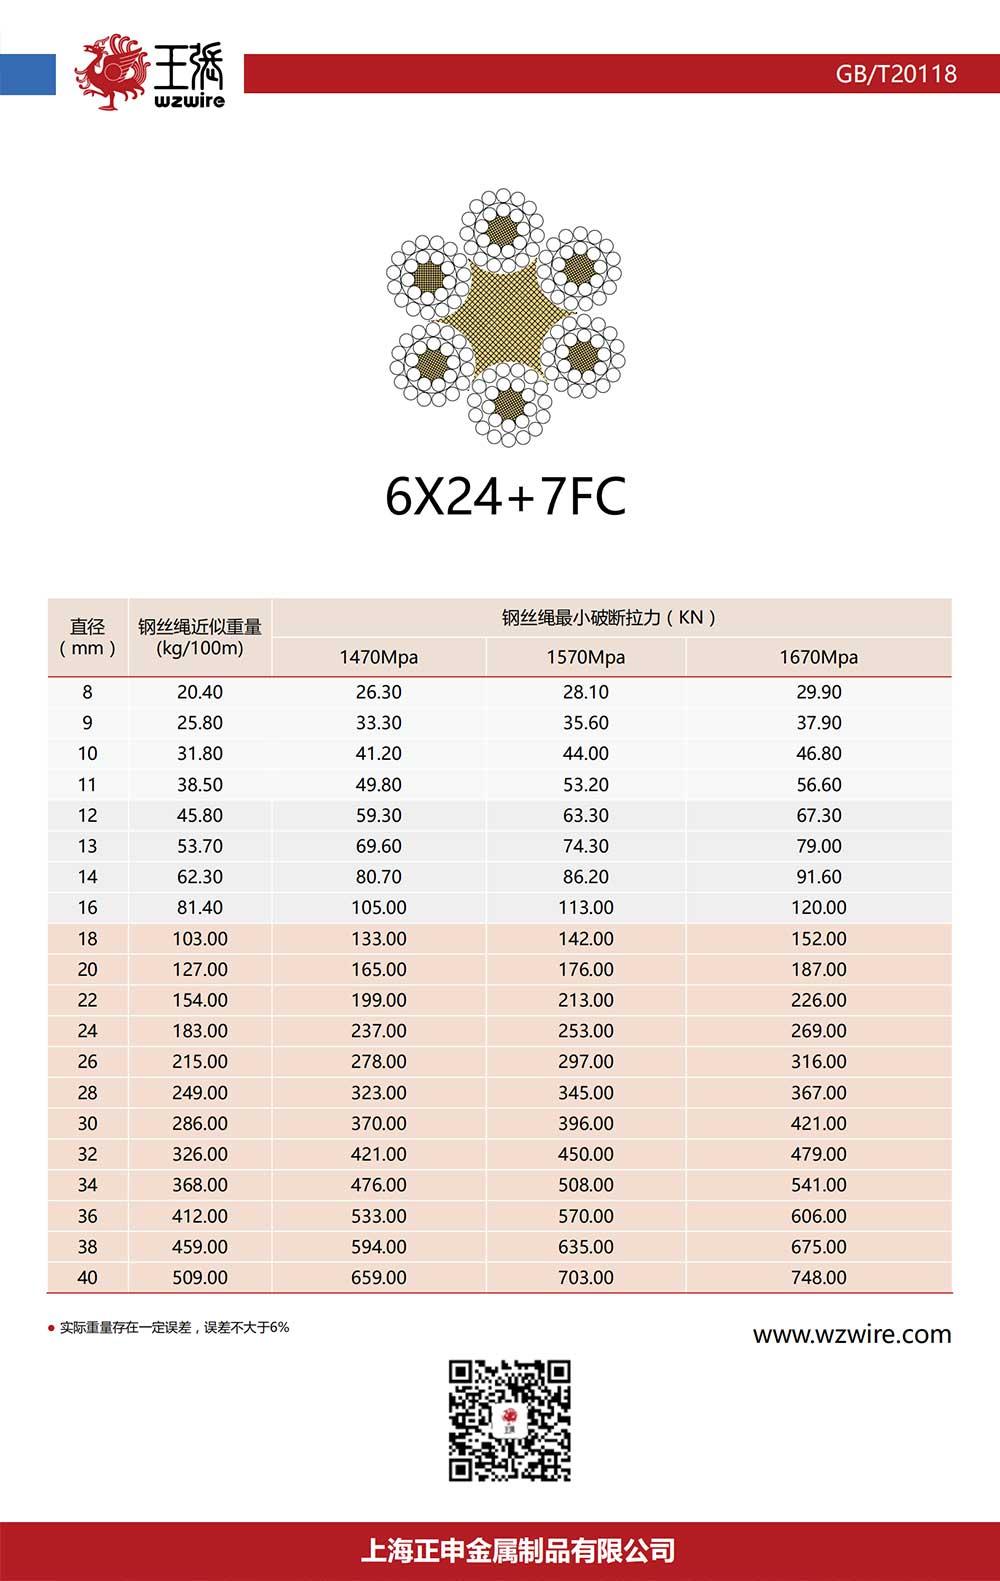 鋼絲繩6X24+7FC價格,鋼絲繩6X24+7FC批發,鋼絲繩6X24+7FC公司